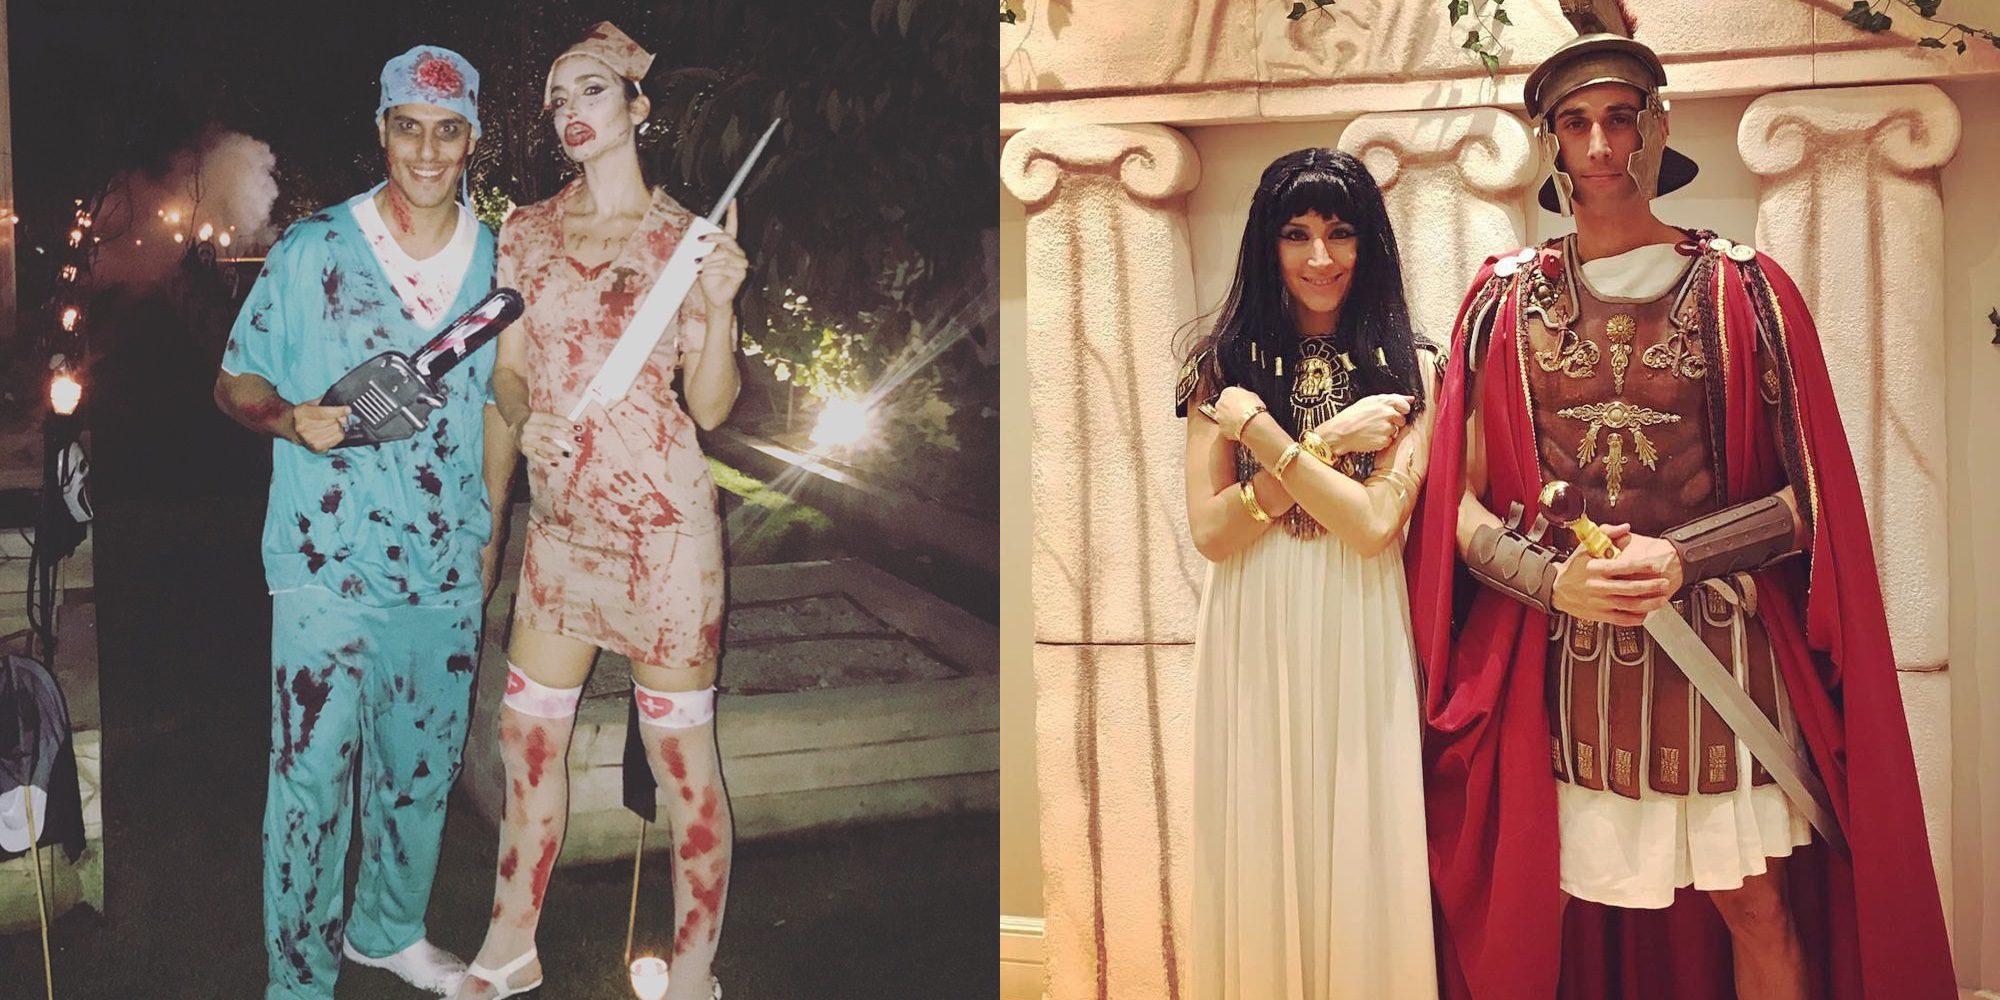 Así son los disfraces de Helen Lindes, Rudy Fernández, Álvaro Arbeloa y Carlota Ruiz para Halloween 2017